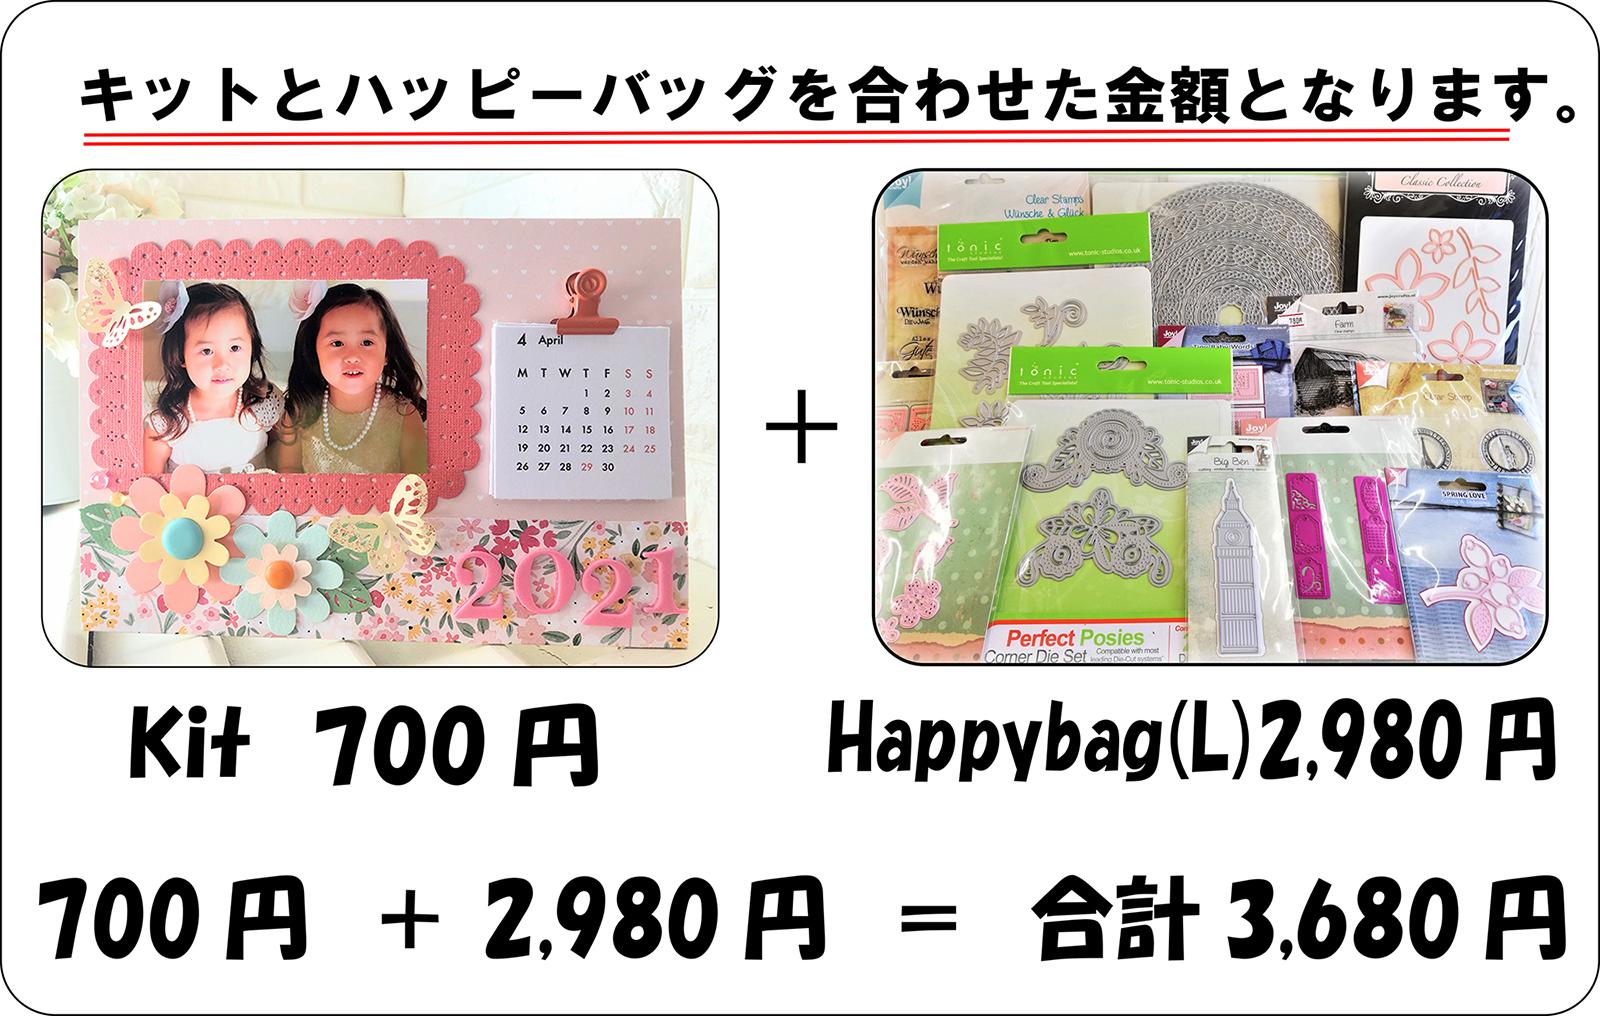 大北美鈴先生 ダイカットで作る 卓上カレンダー & ハッピーバックセット